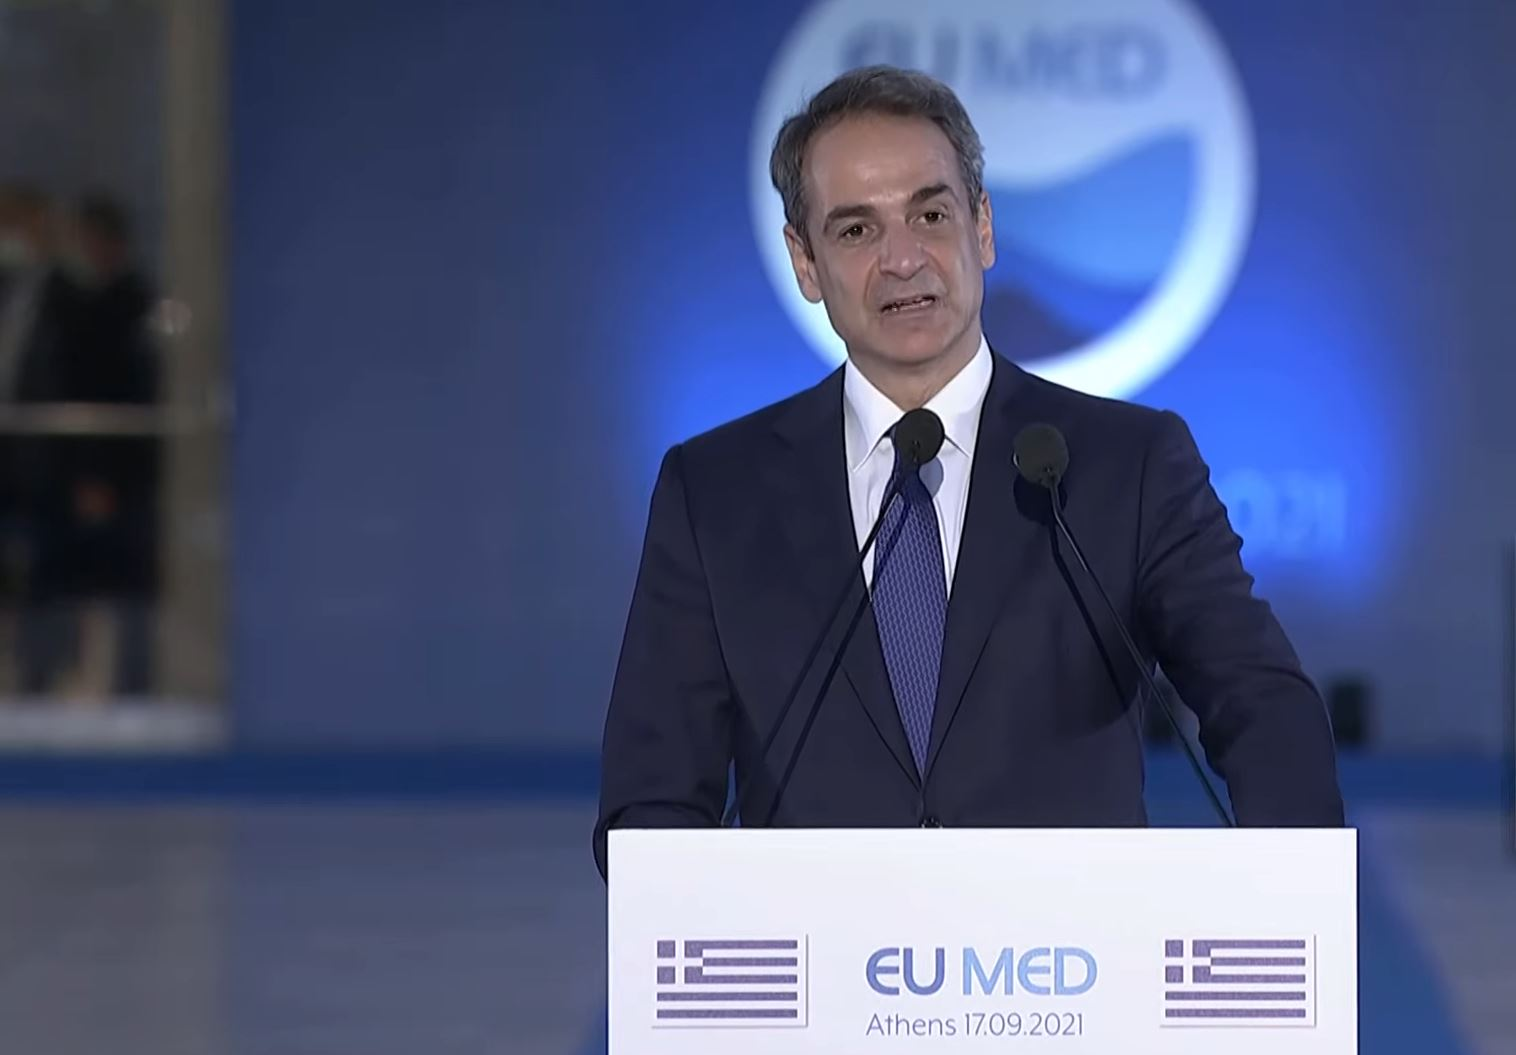 Κυρ. Μητσοτάκης: «Ο ευρωπαϊκός νότος απέδειξε πως δεν χρειάζεται λιτότητα αλλά προοπτική»